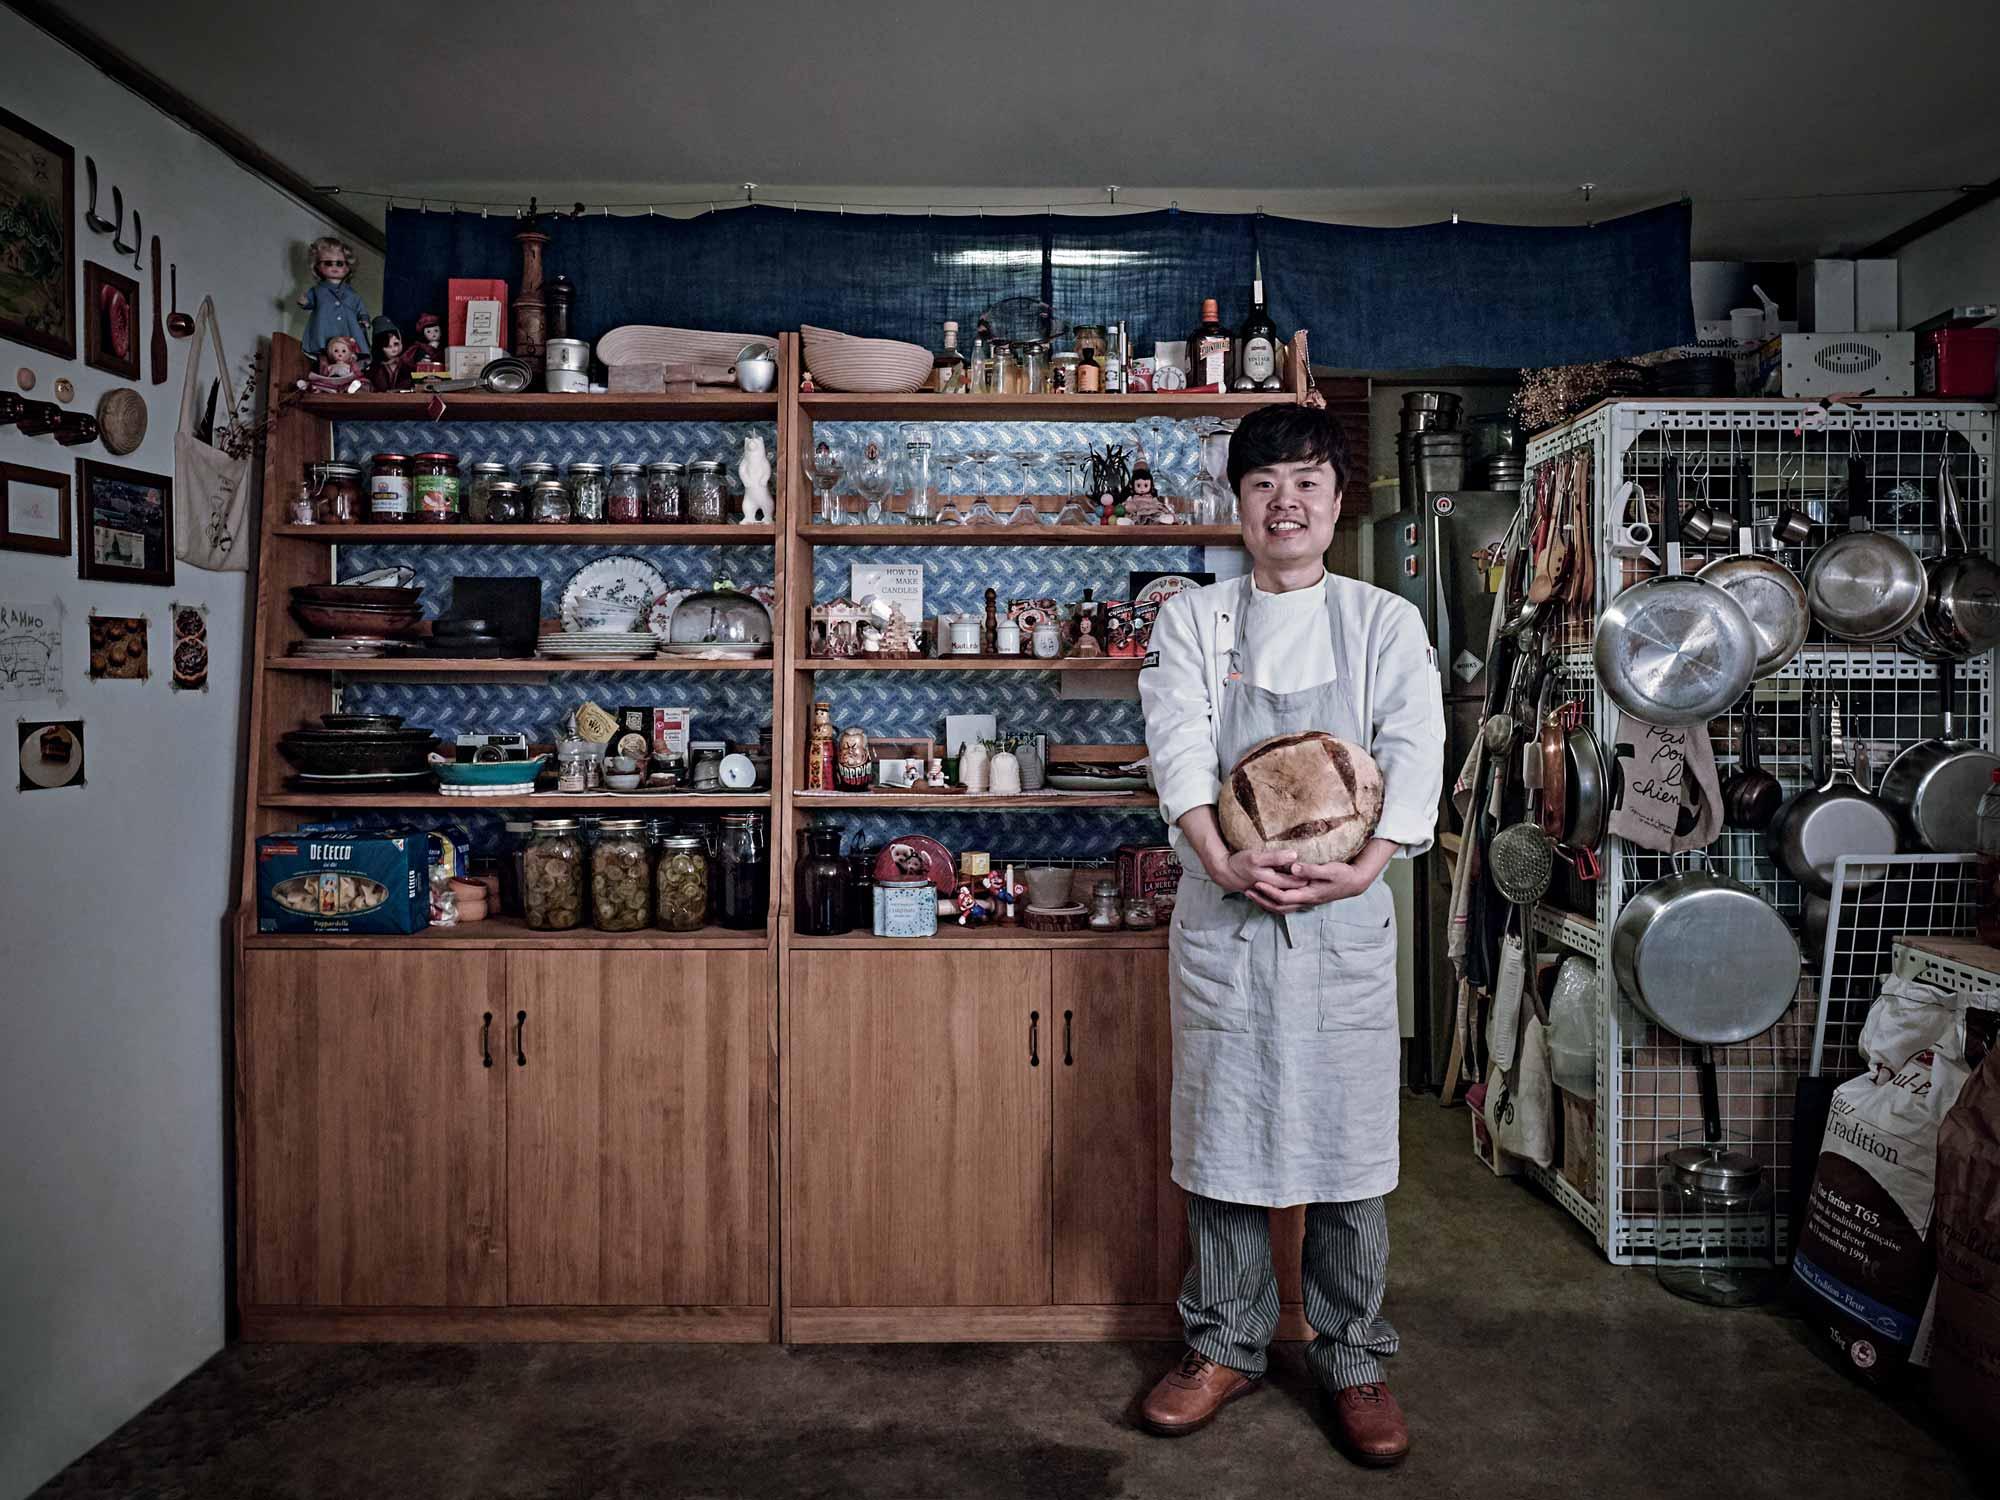 최병구 셰프는 일반인도 쉽게 따라할 수 있는 변형된 레시피로 발효종 빵 클래스를 운영하고 있다.